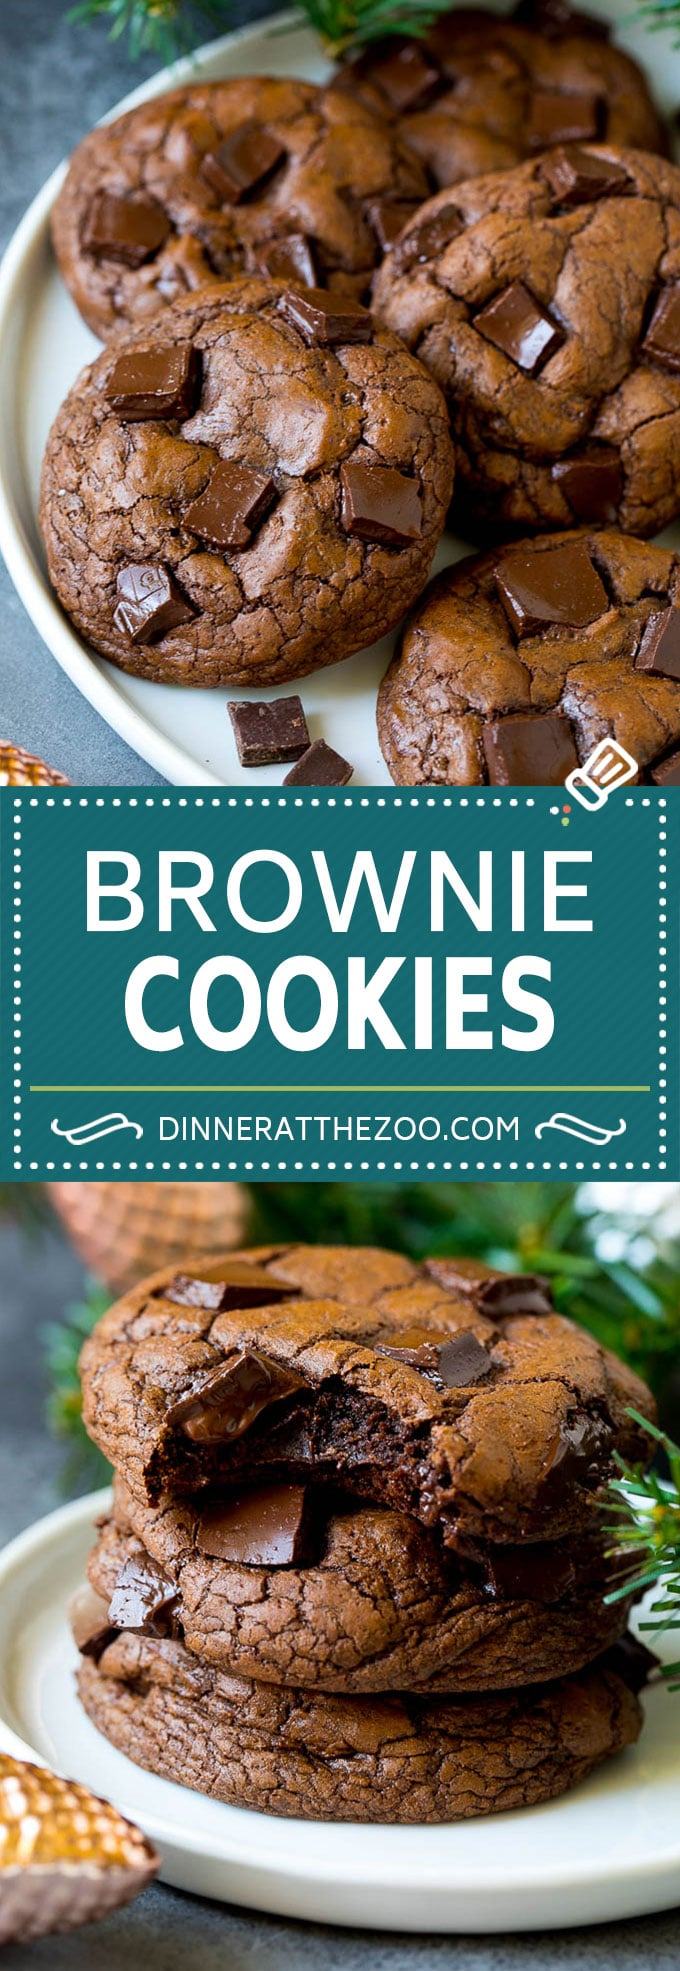 Brownie Cookies Recipe   Chocolate Cookies #cookies #brownies #chocolate #dessert #baking #dinneratthezoo